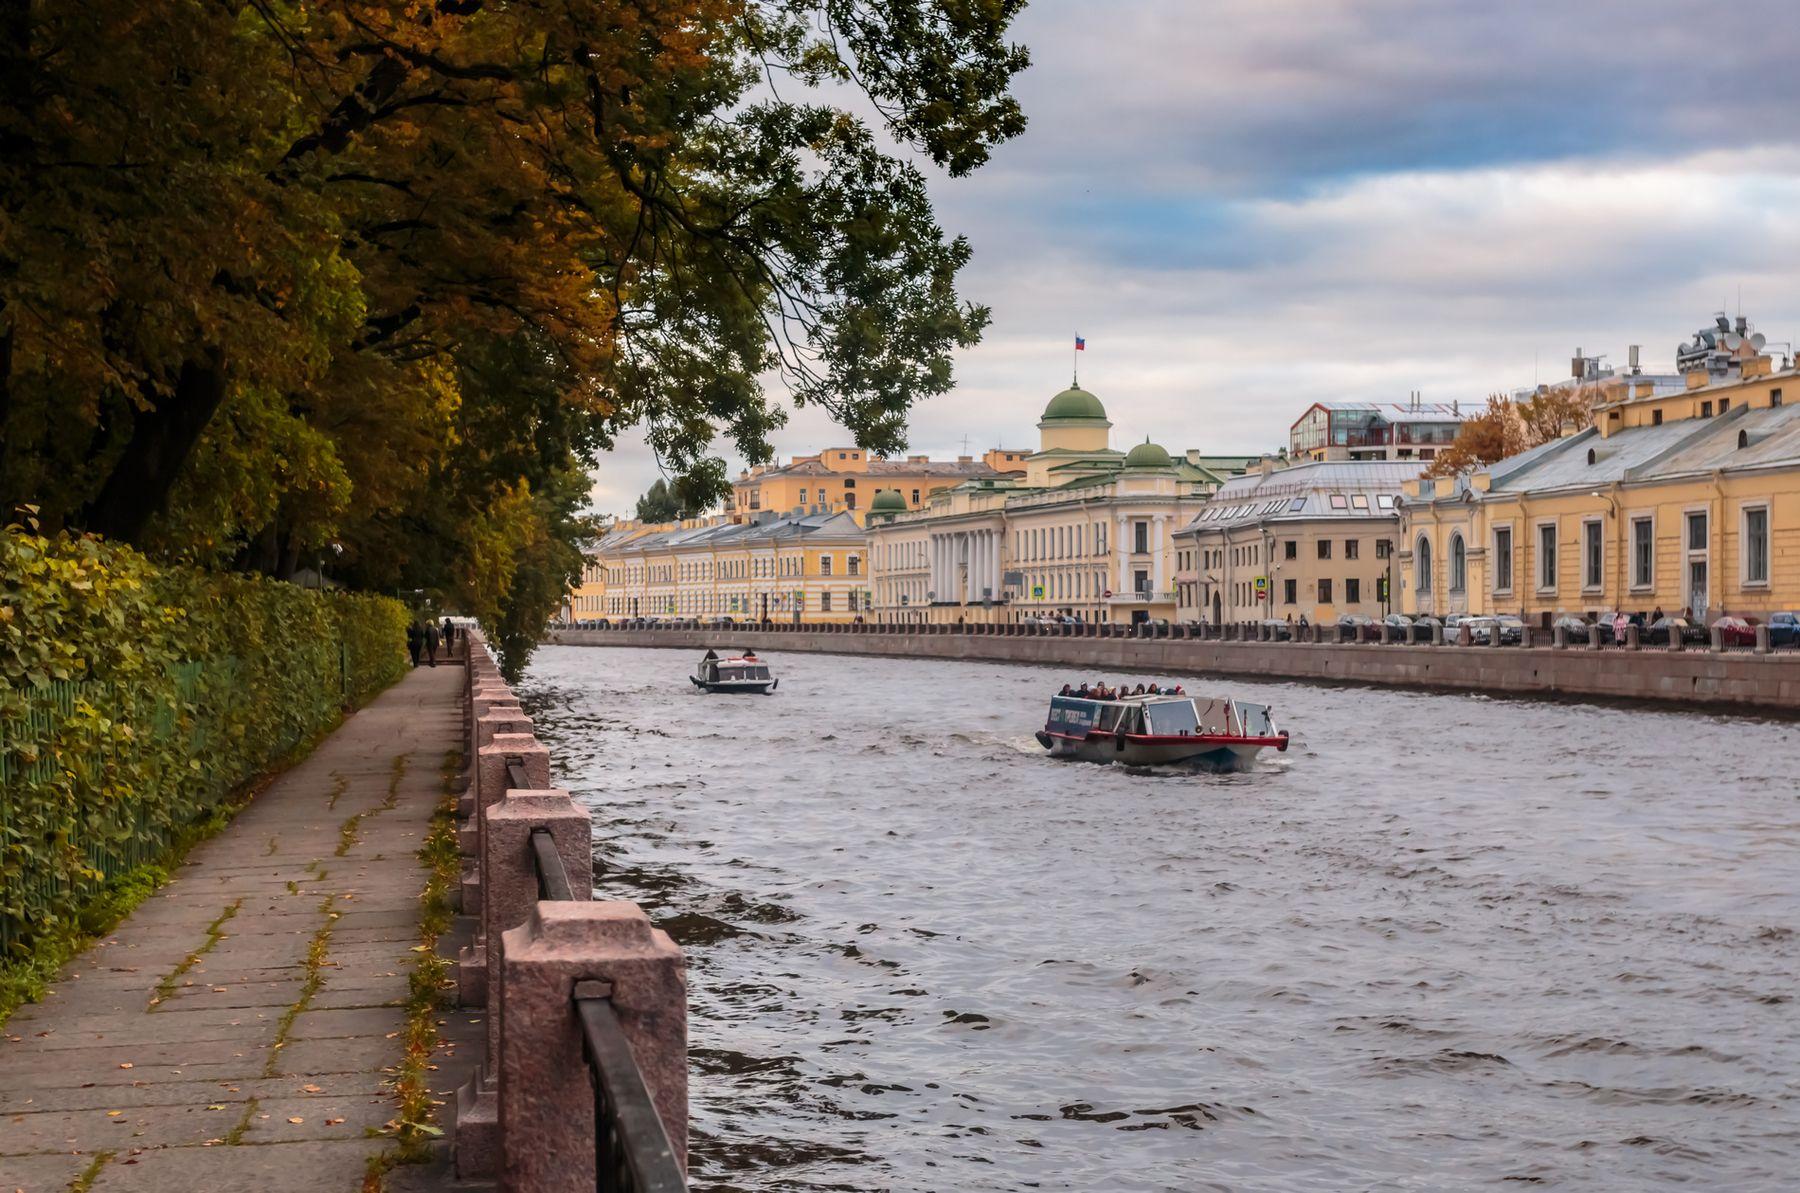 Течение ранней осени Санкт-Петербург вечер река осень Летний Сад